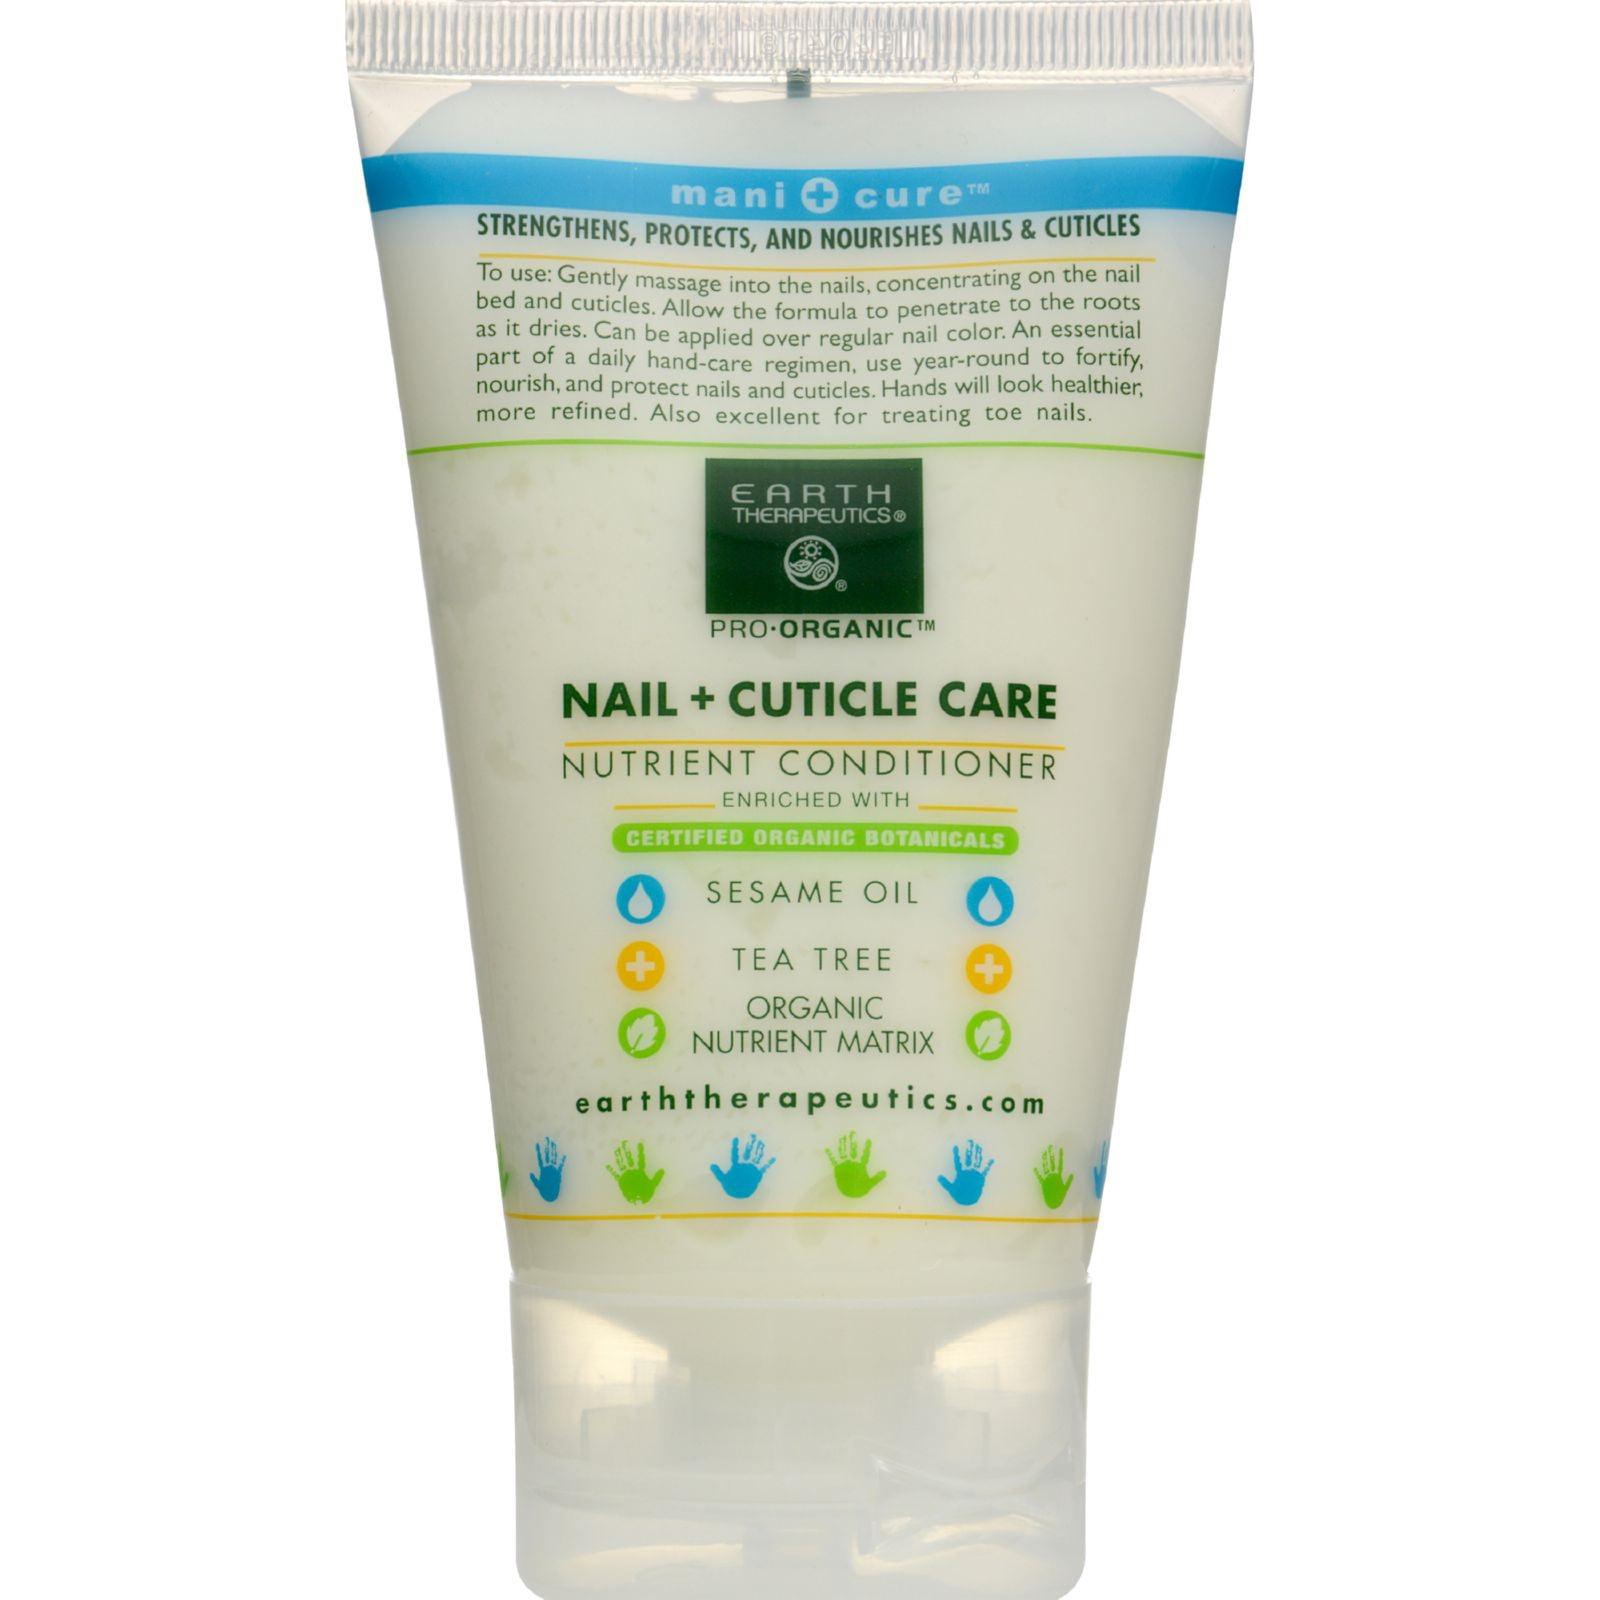 Earth Therapeutics Nail & Cuticle Care